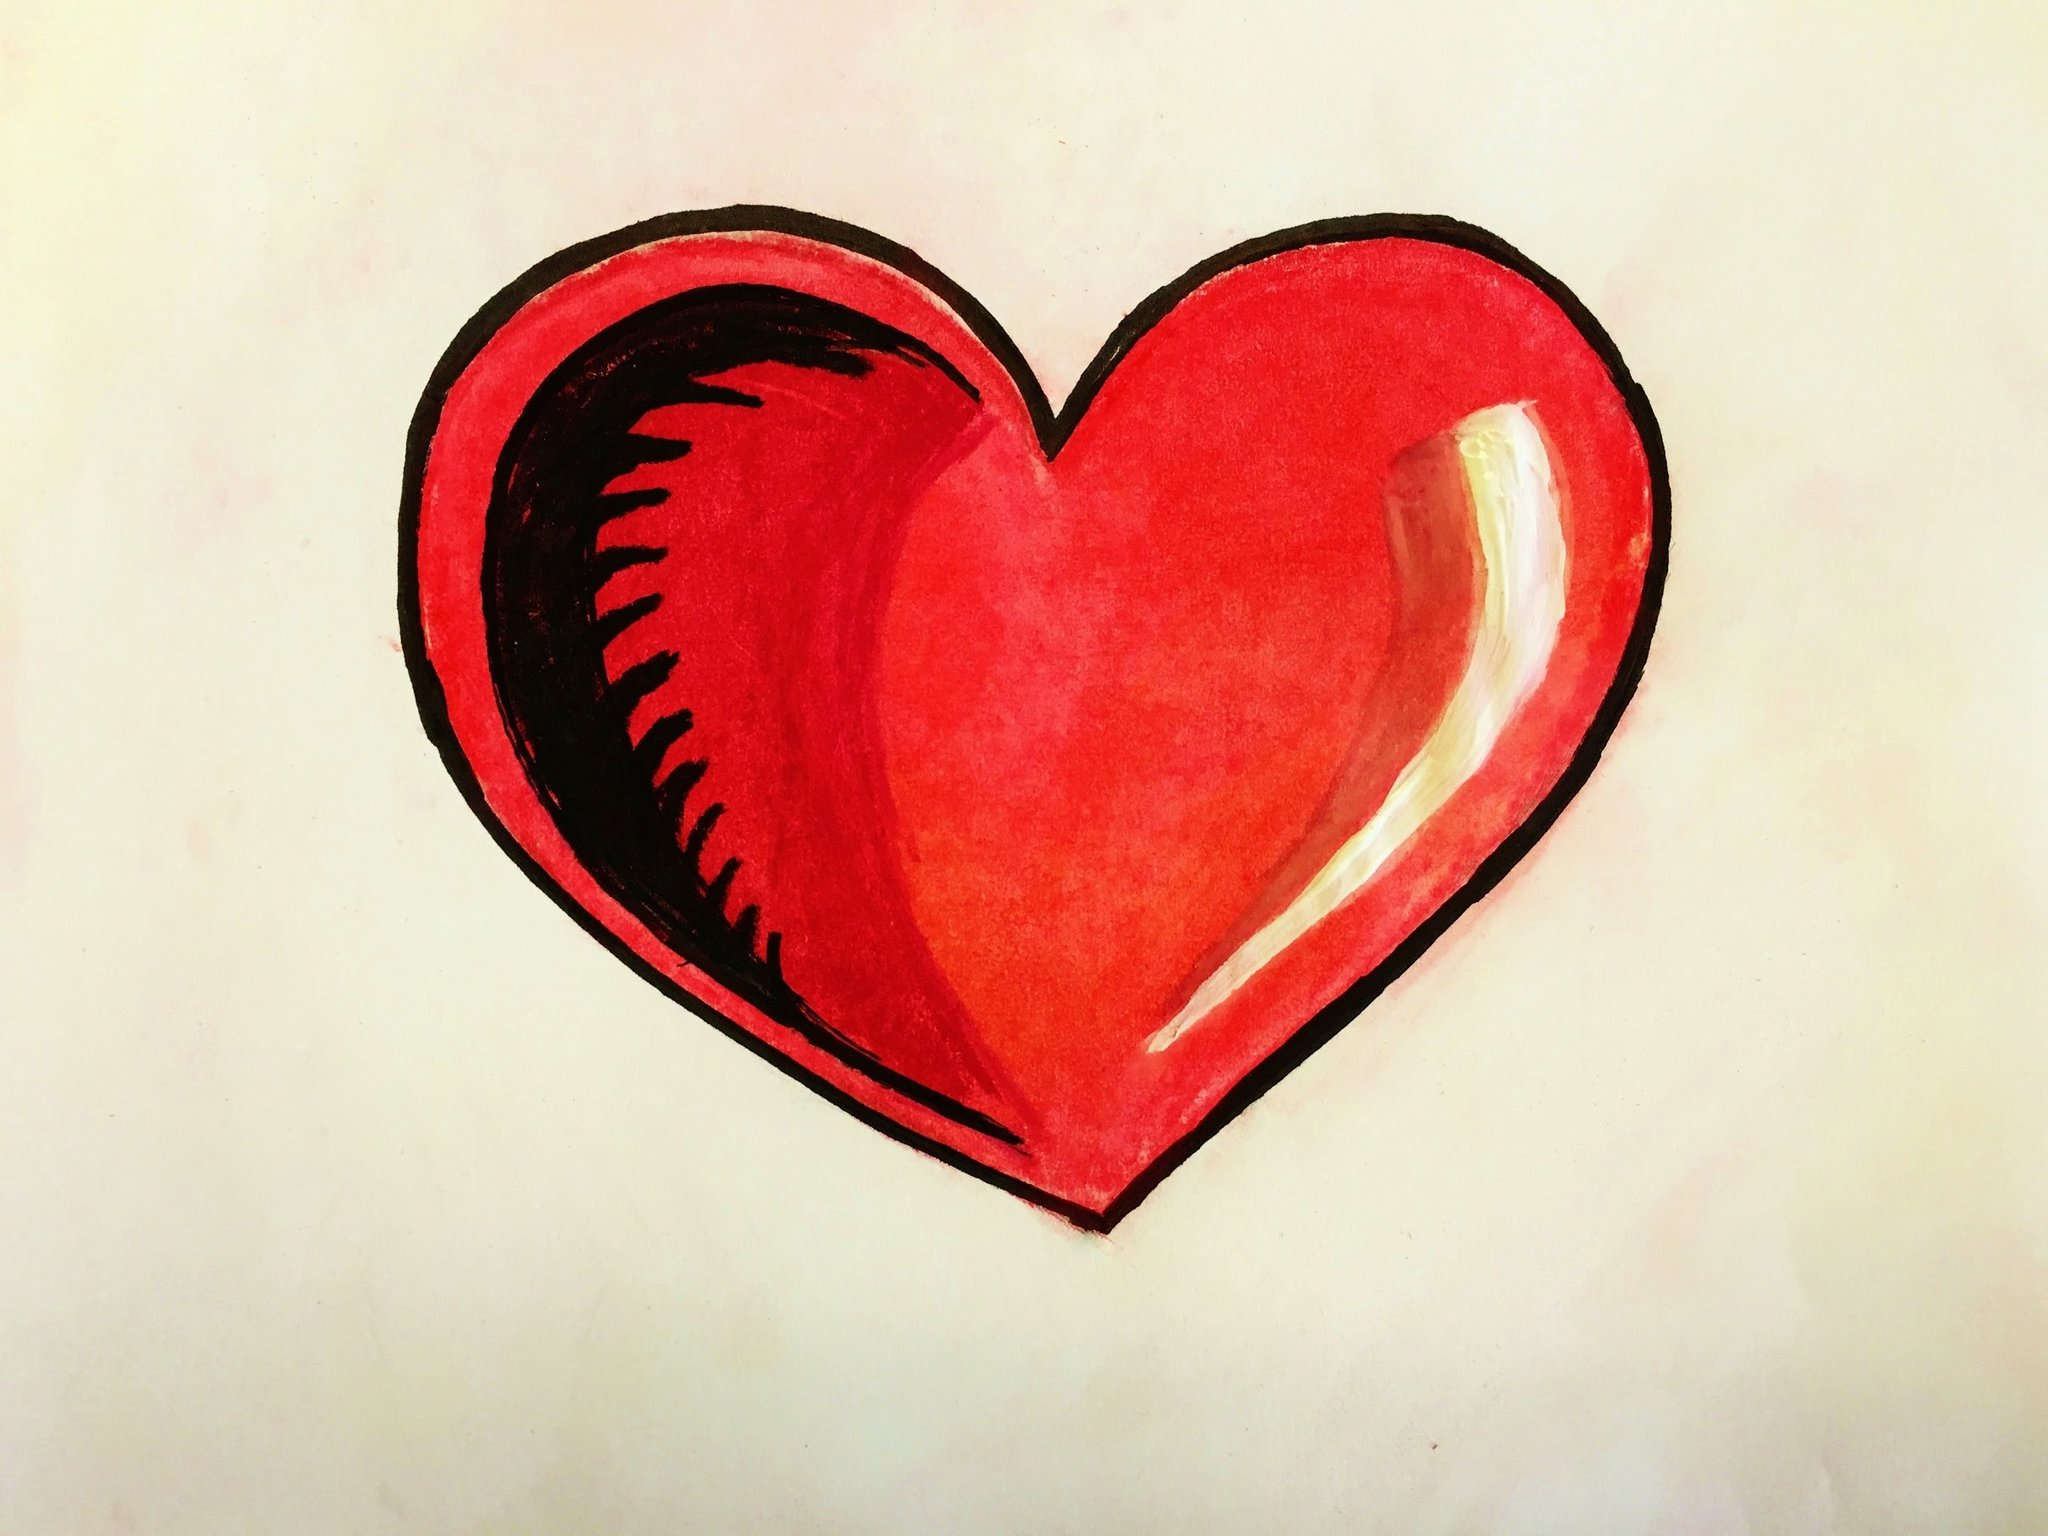 Прикольные картинки с сердечком срисовка